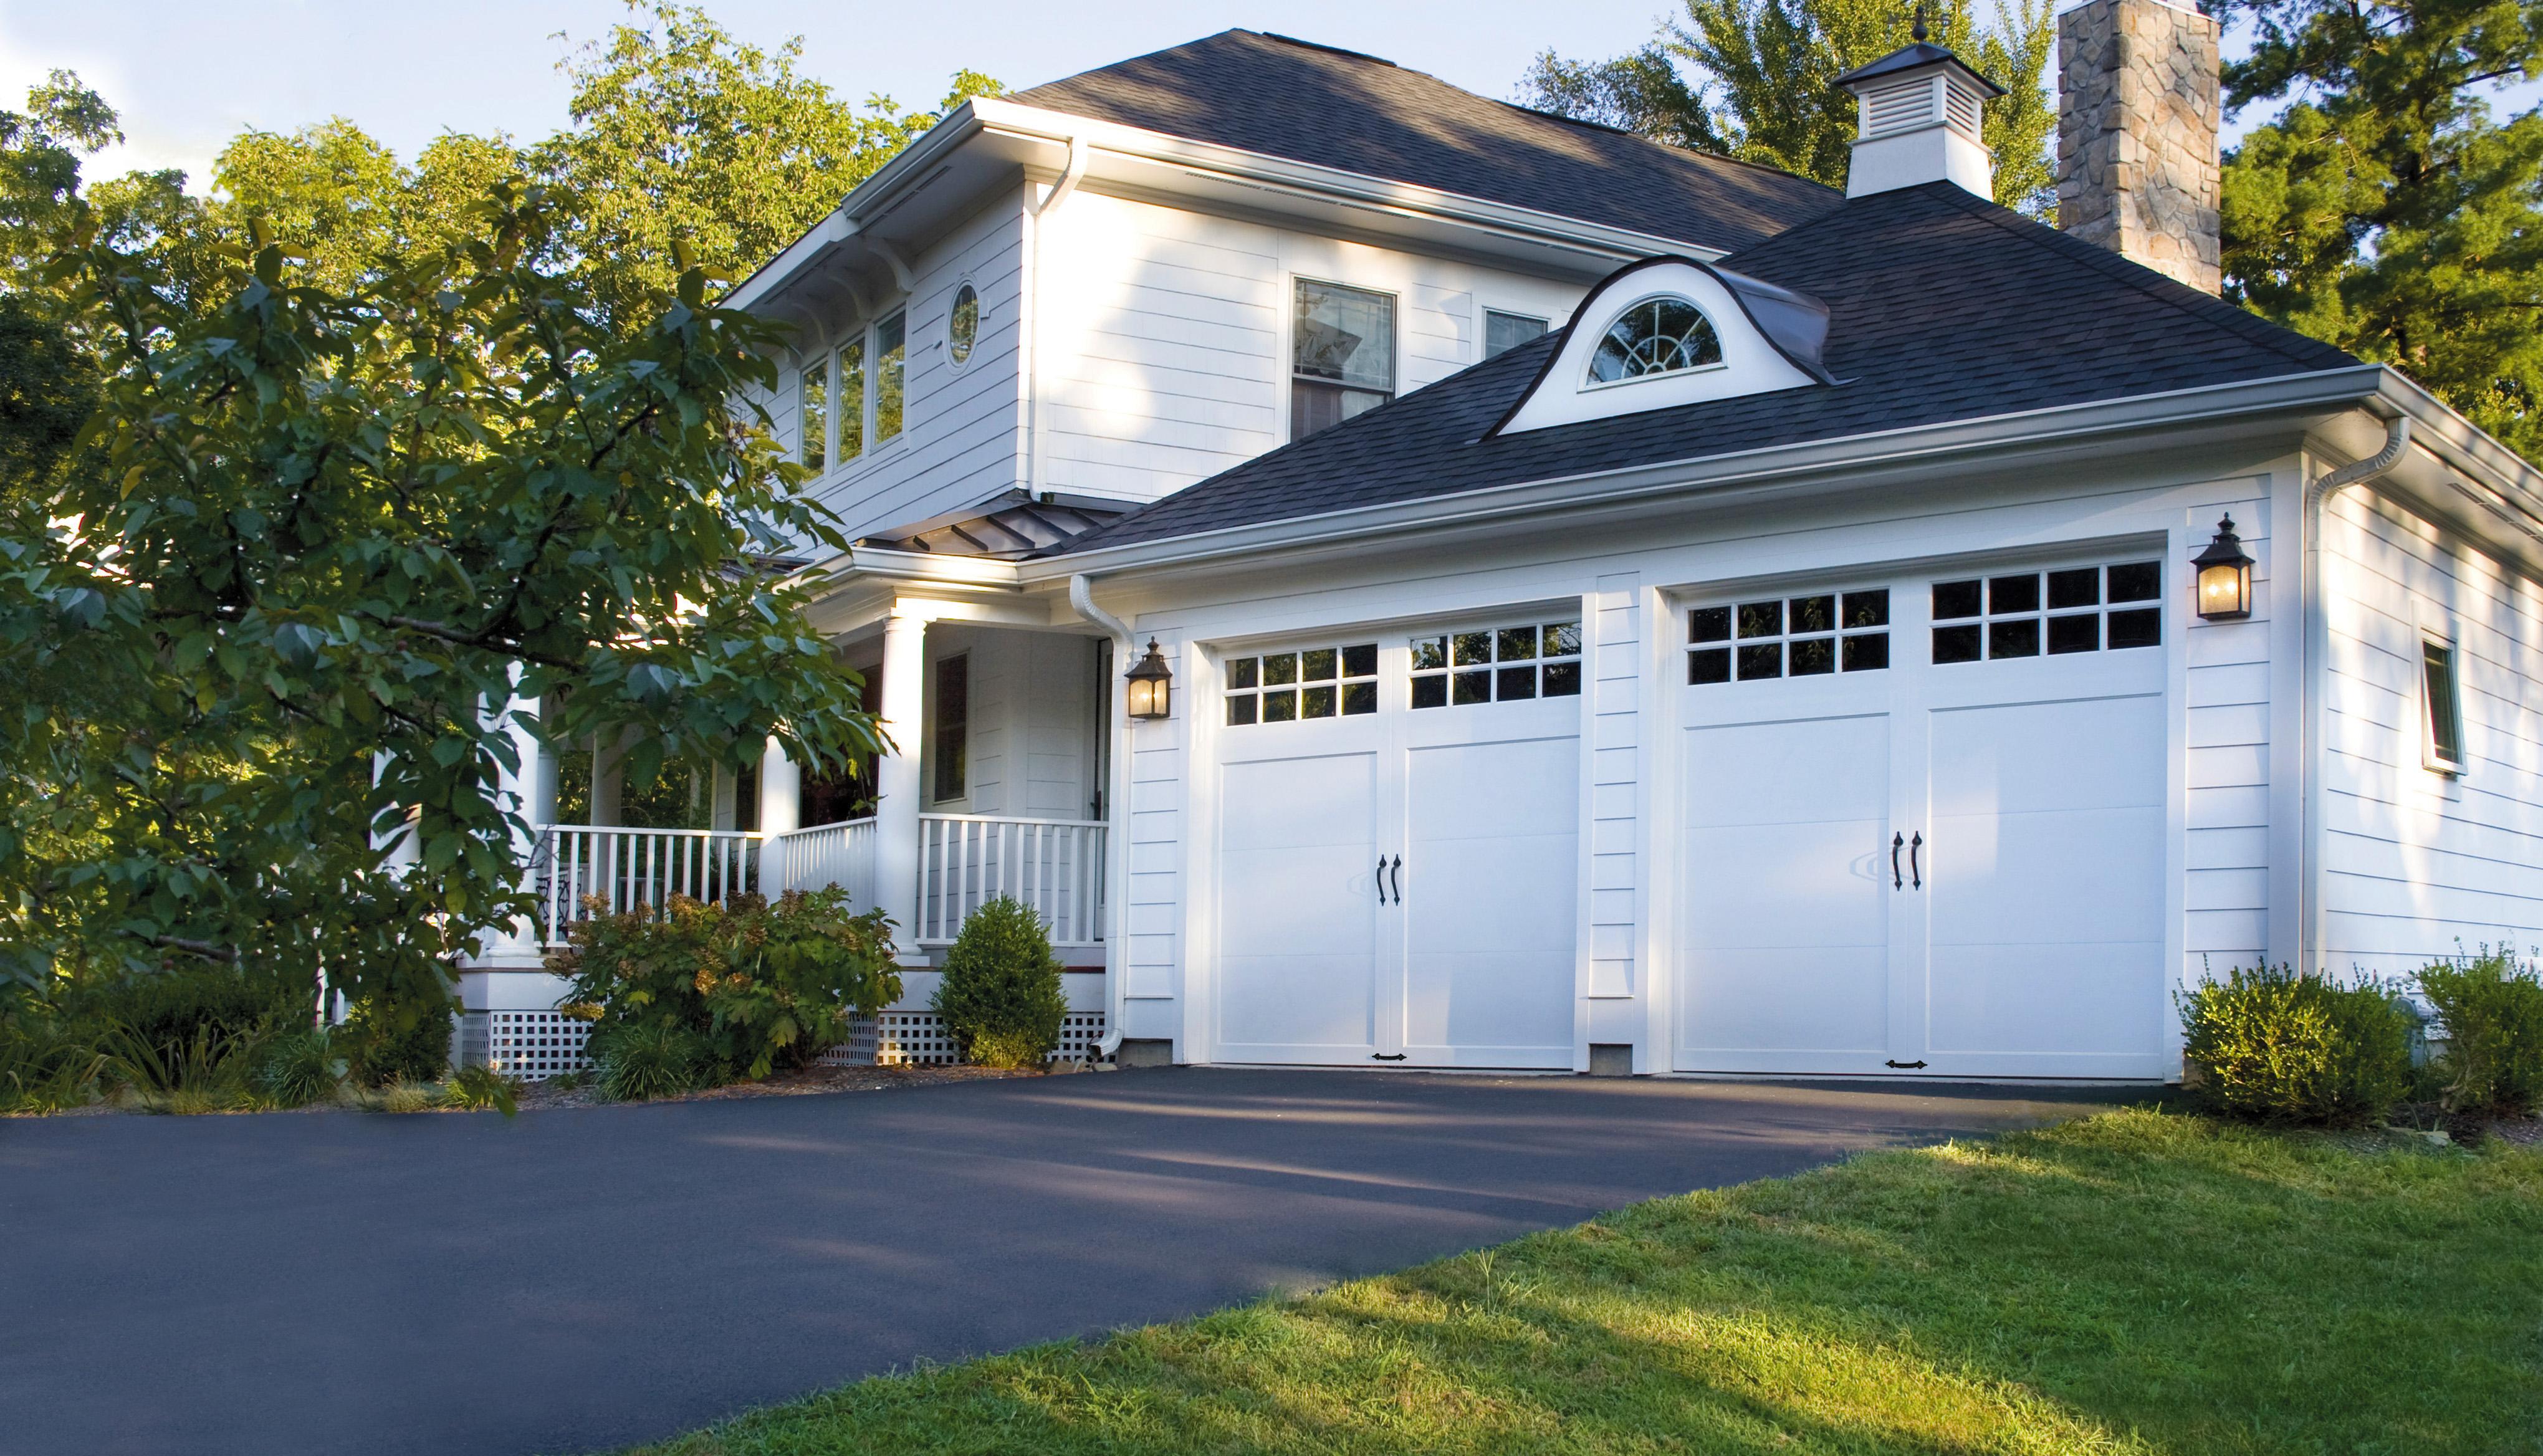 2336 #767831 COACHMAN® Picture Gallery MAGNUM DOOR Call 604 530 8535 wallpaper Coachman Collection Garage Doors 36154080